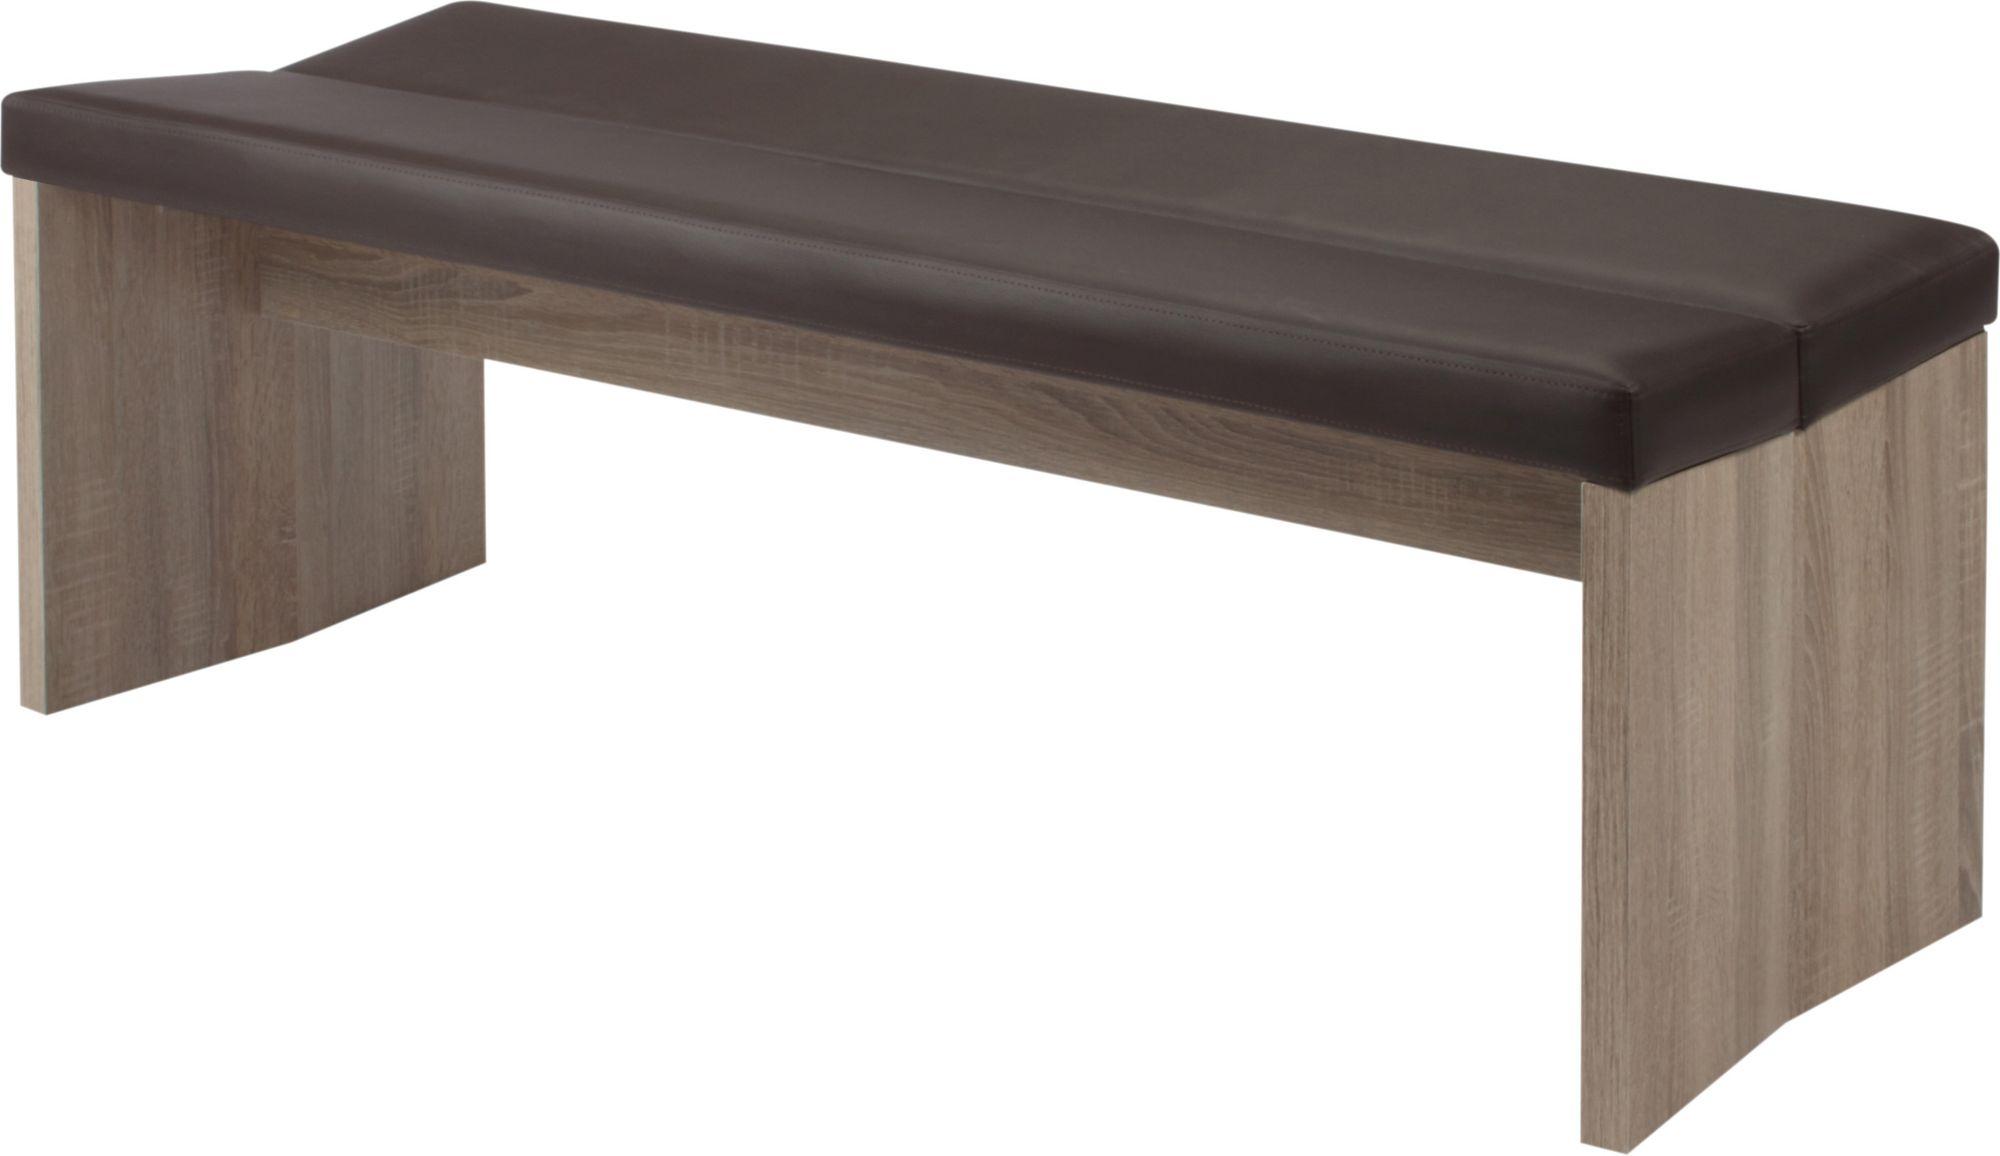 Küchenbänke Mit Rückenlehne # Goetics.com > Inspiration Design Raum ...